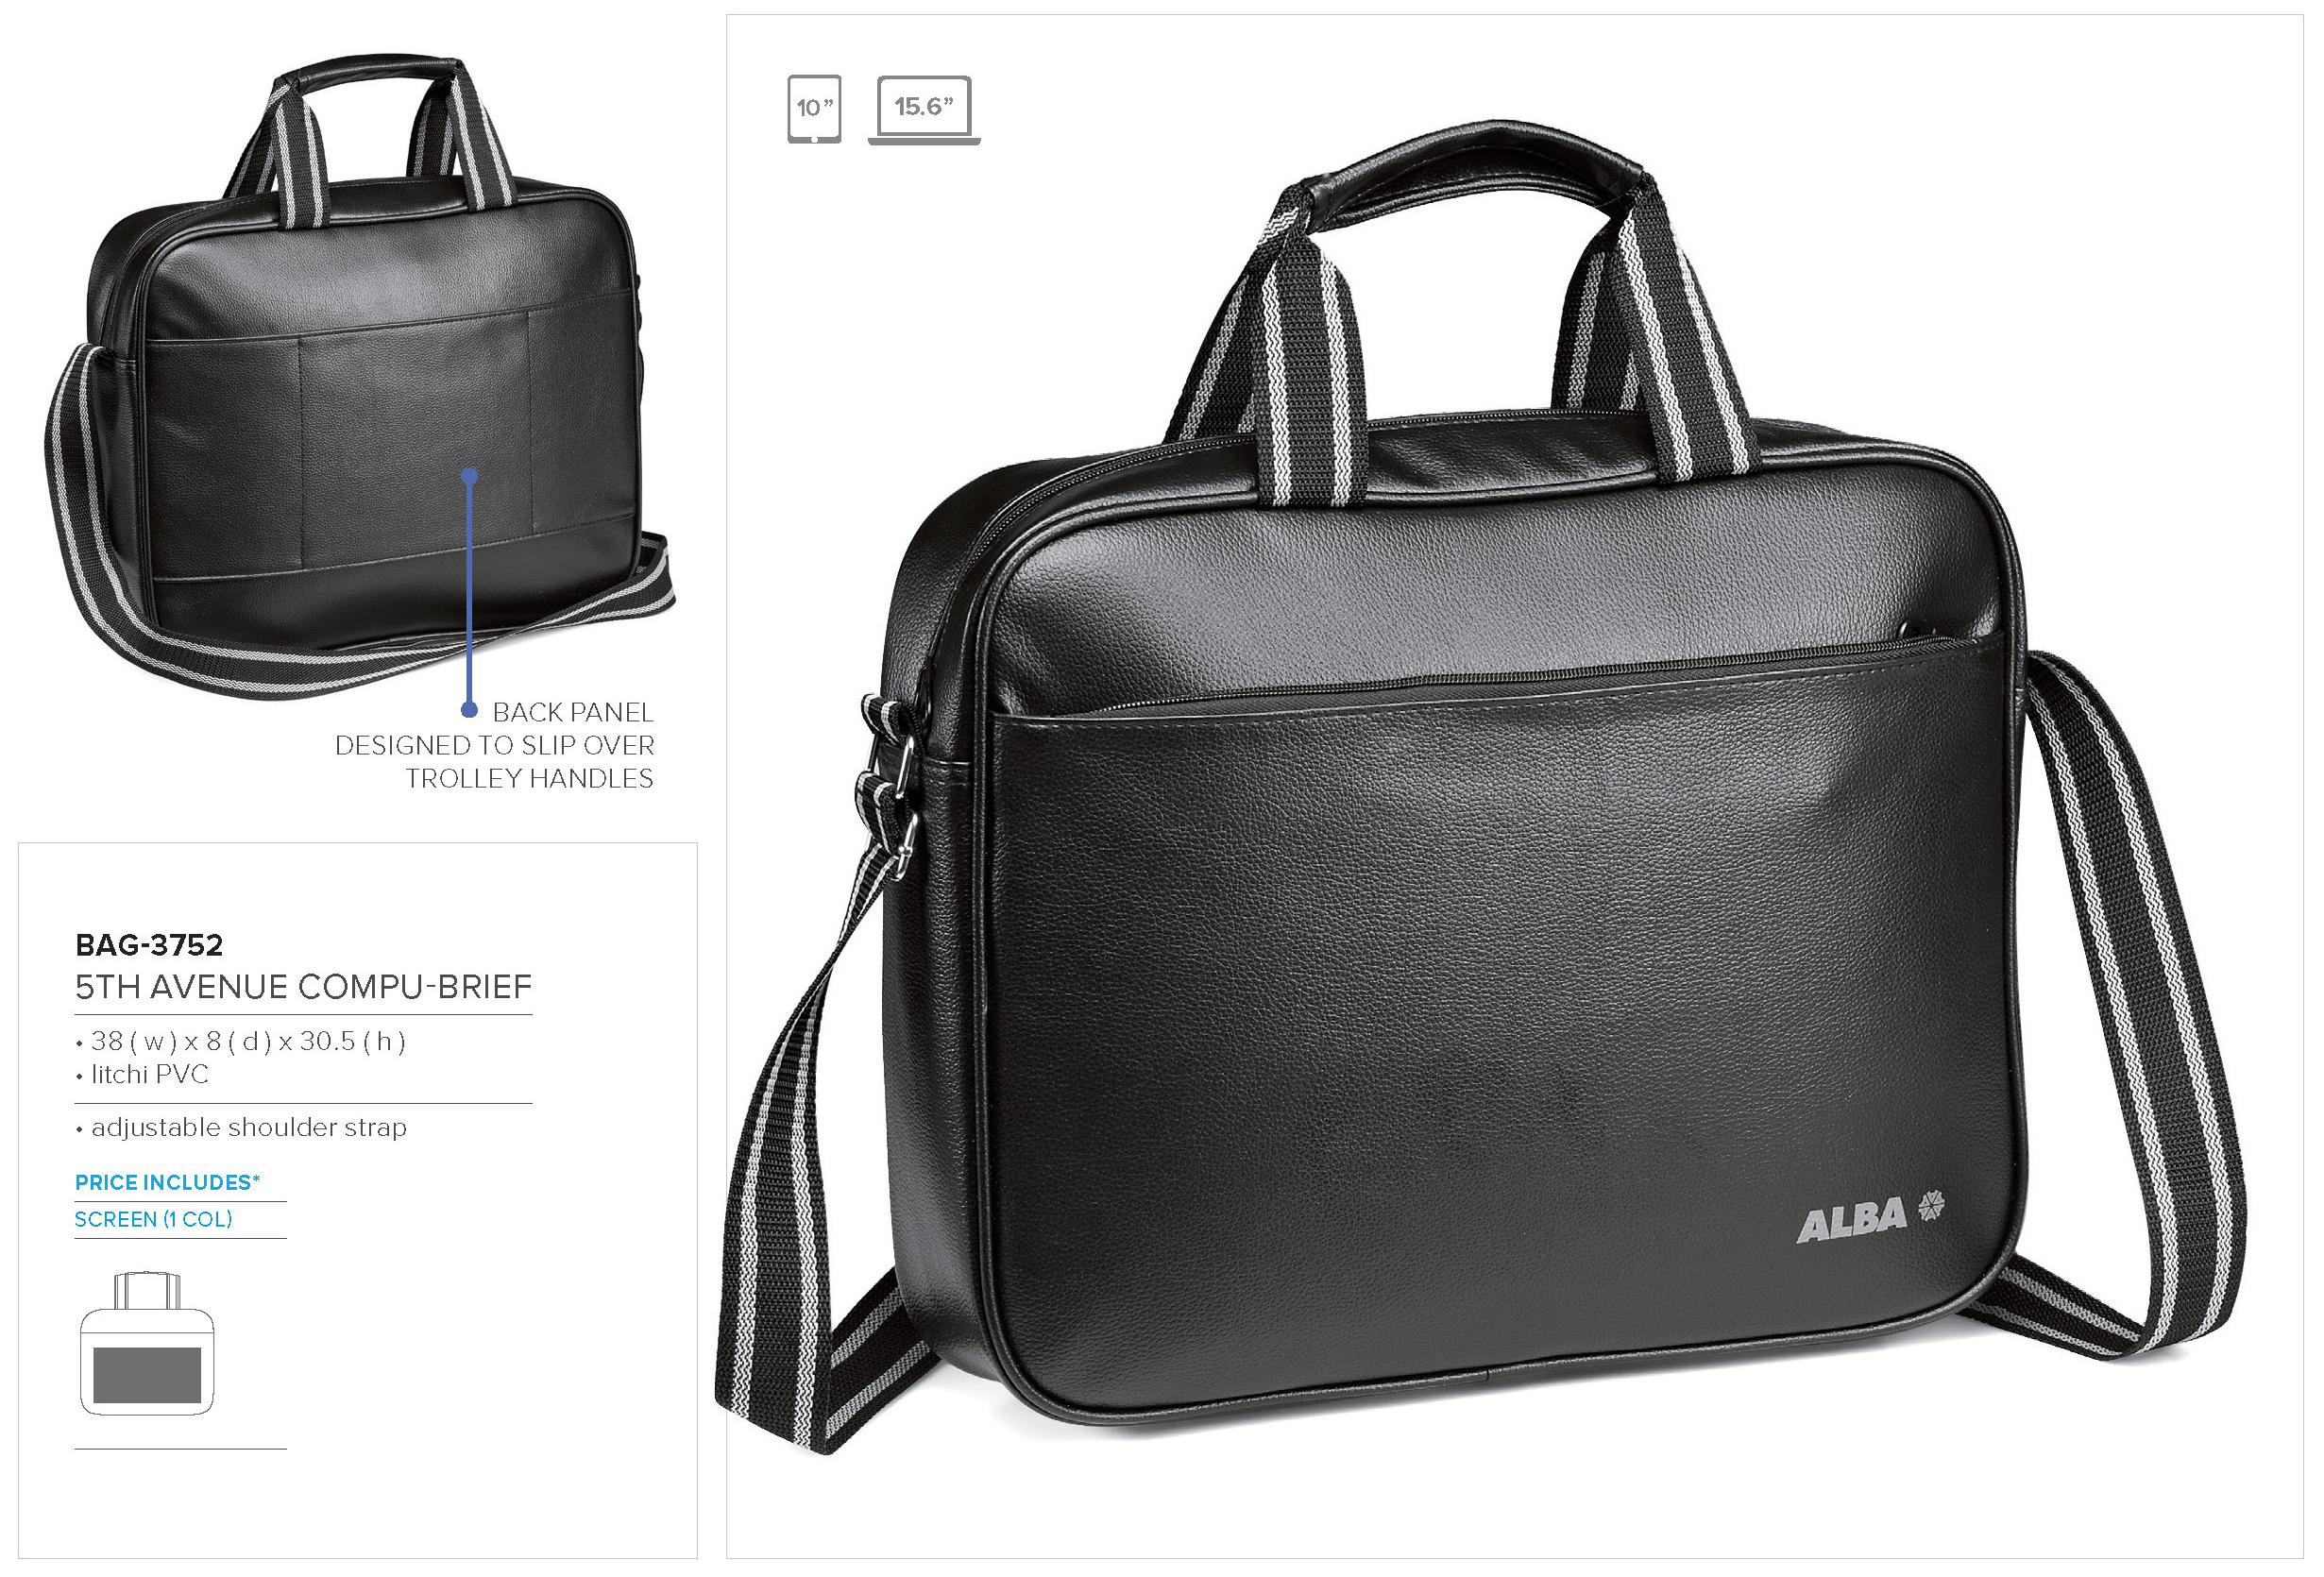 5th Avenue Compu-Brief | BAG-3752